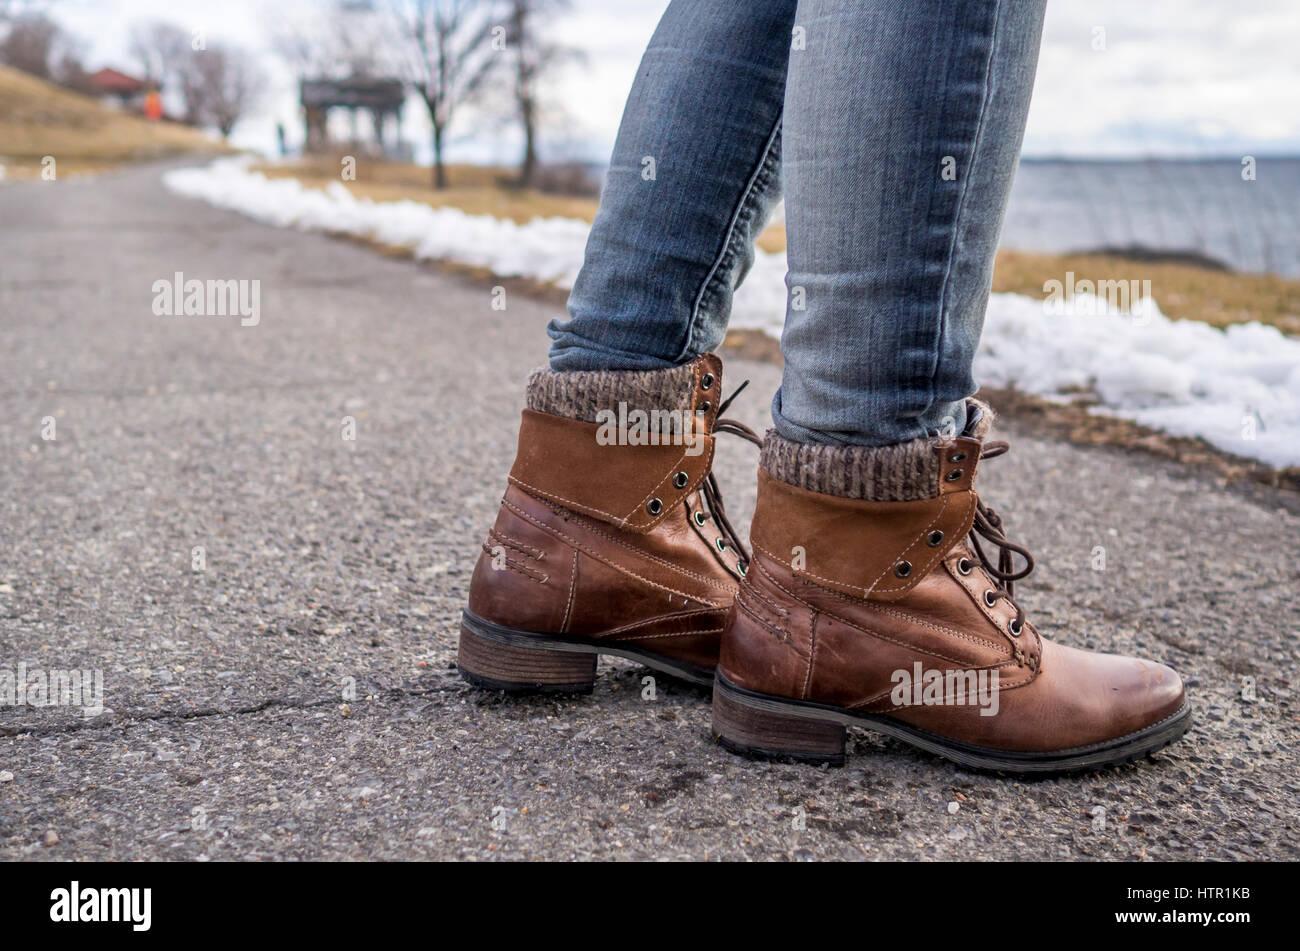 8e371e55 Mostrando la dama zapato de cuero marrón cálido como ella pasos adelante,  por ella misma